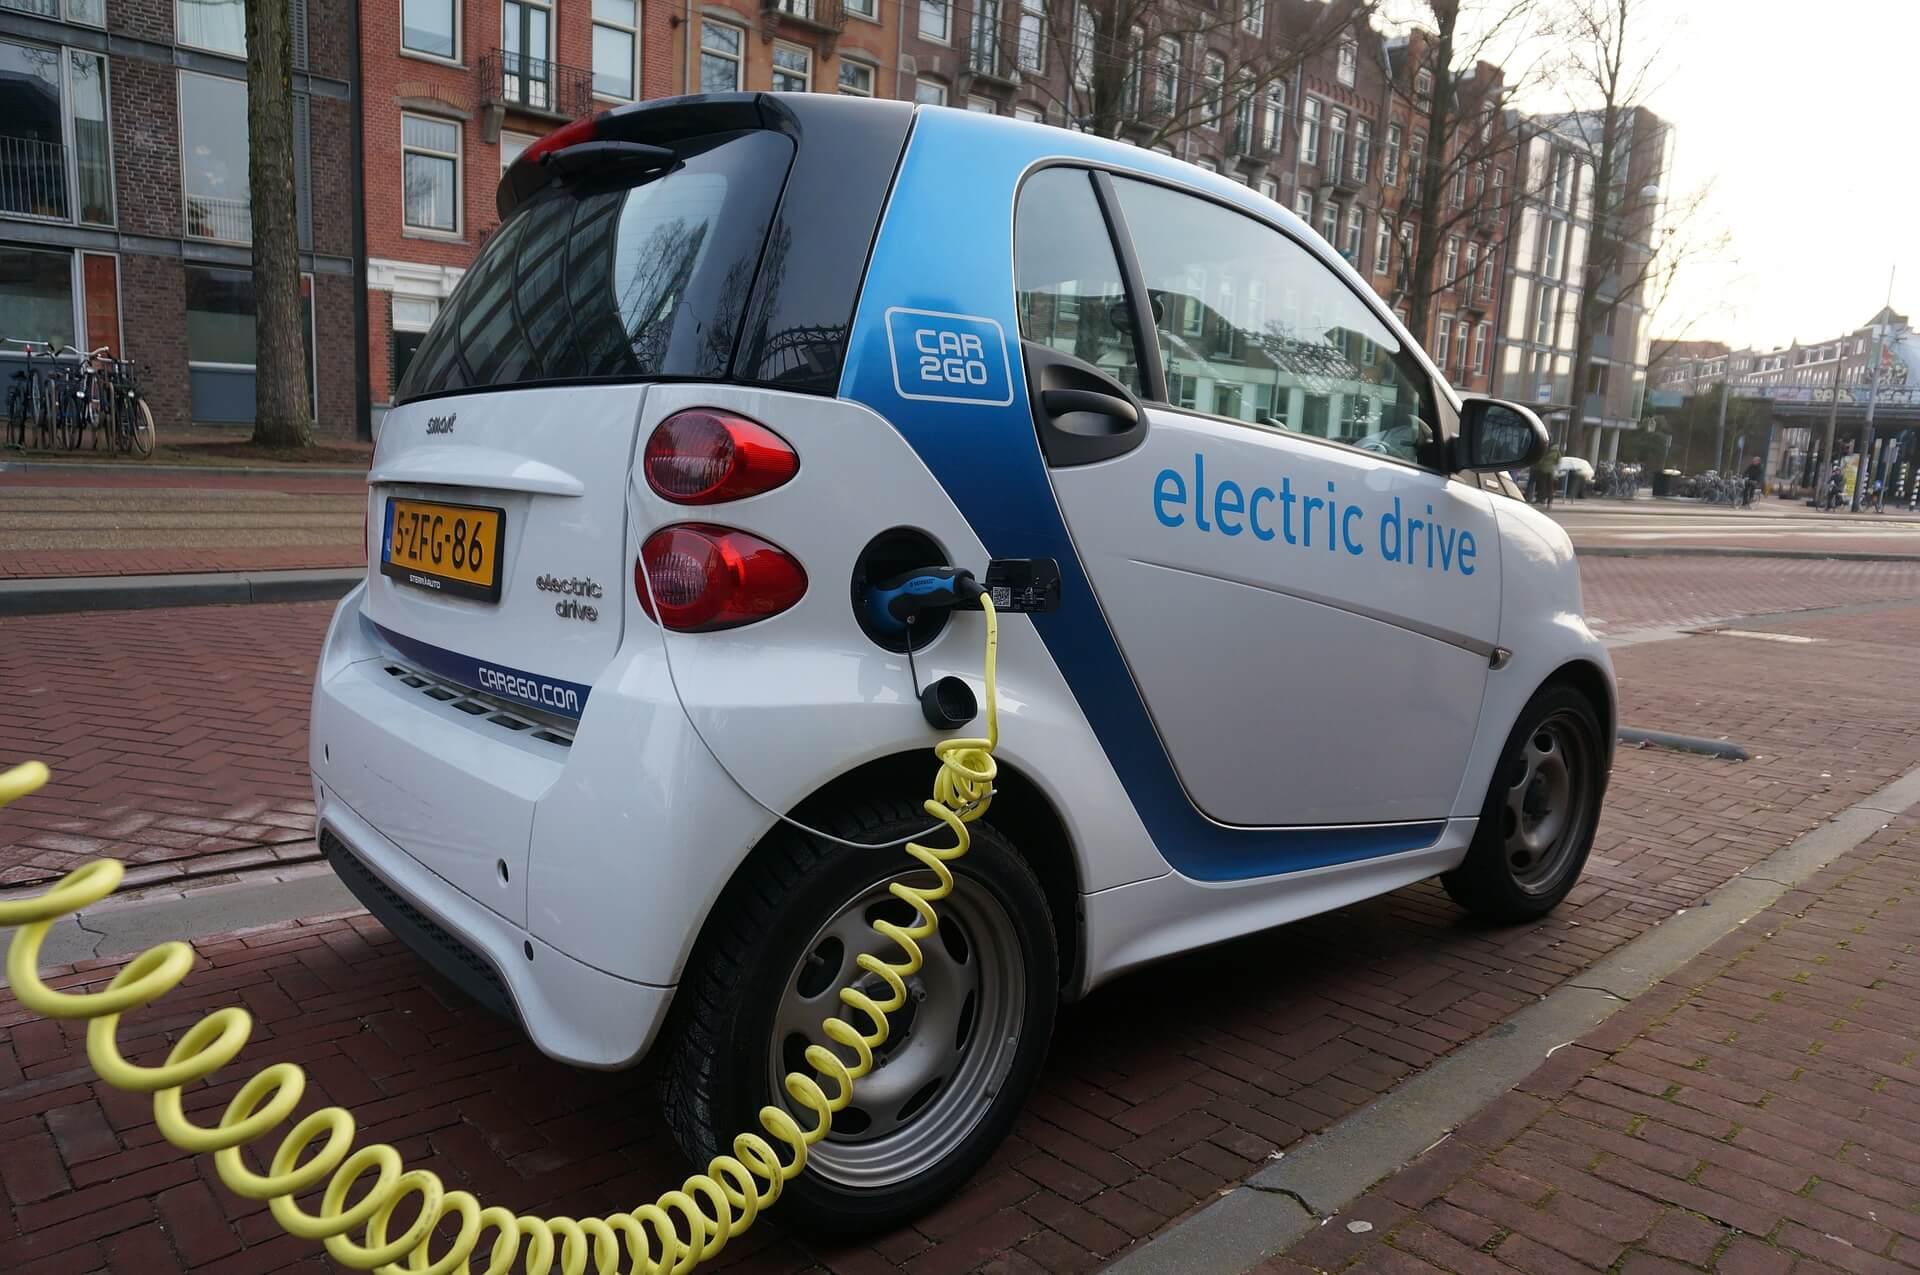 elektrische auto luchtvervuiling